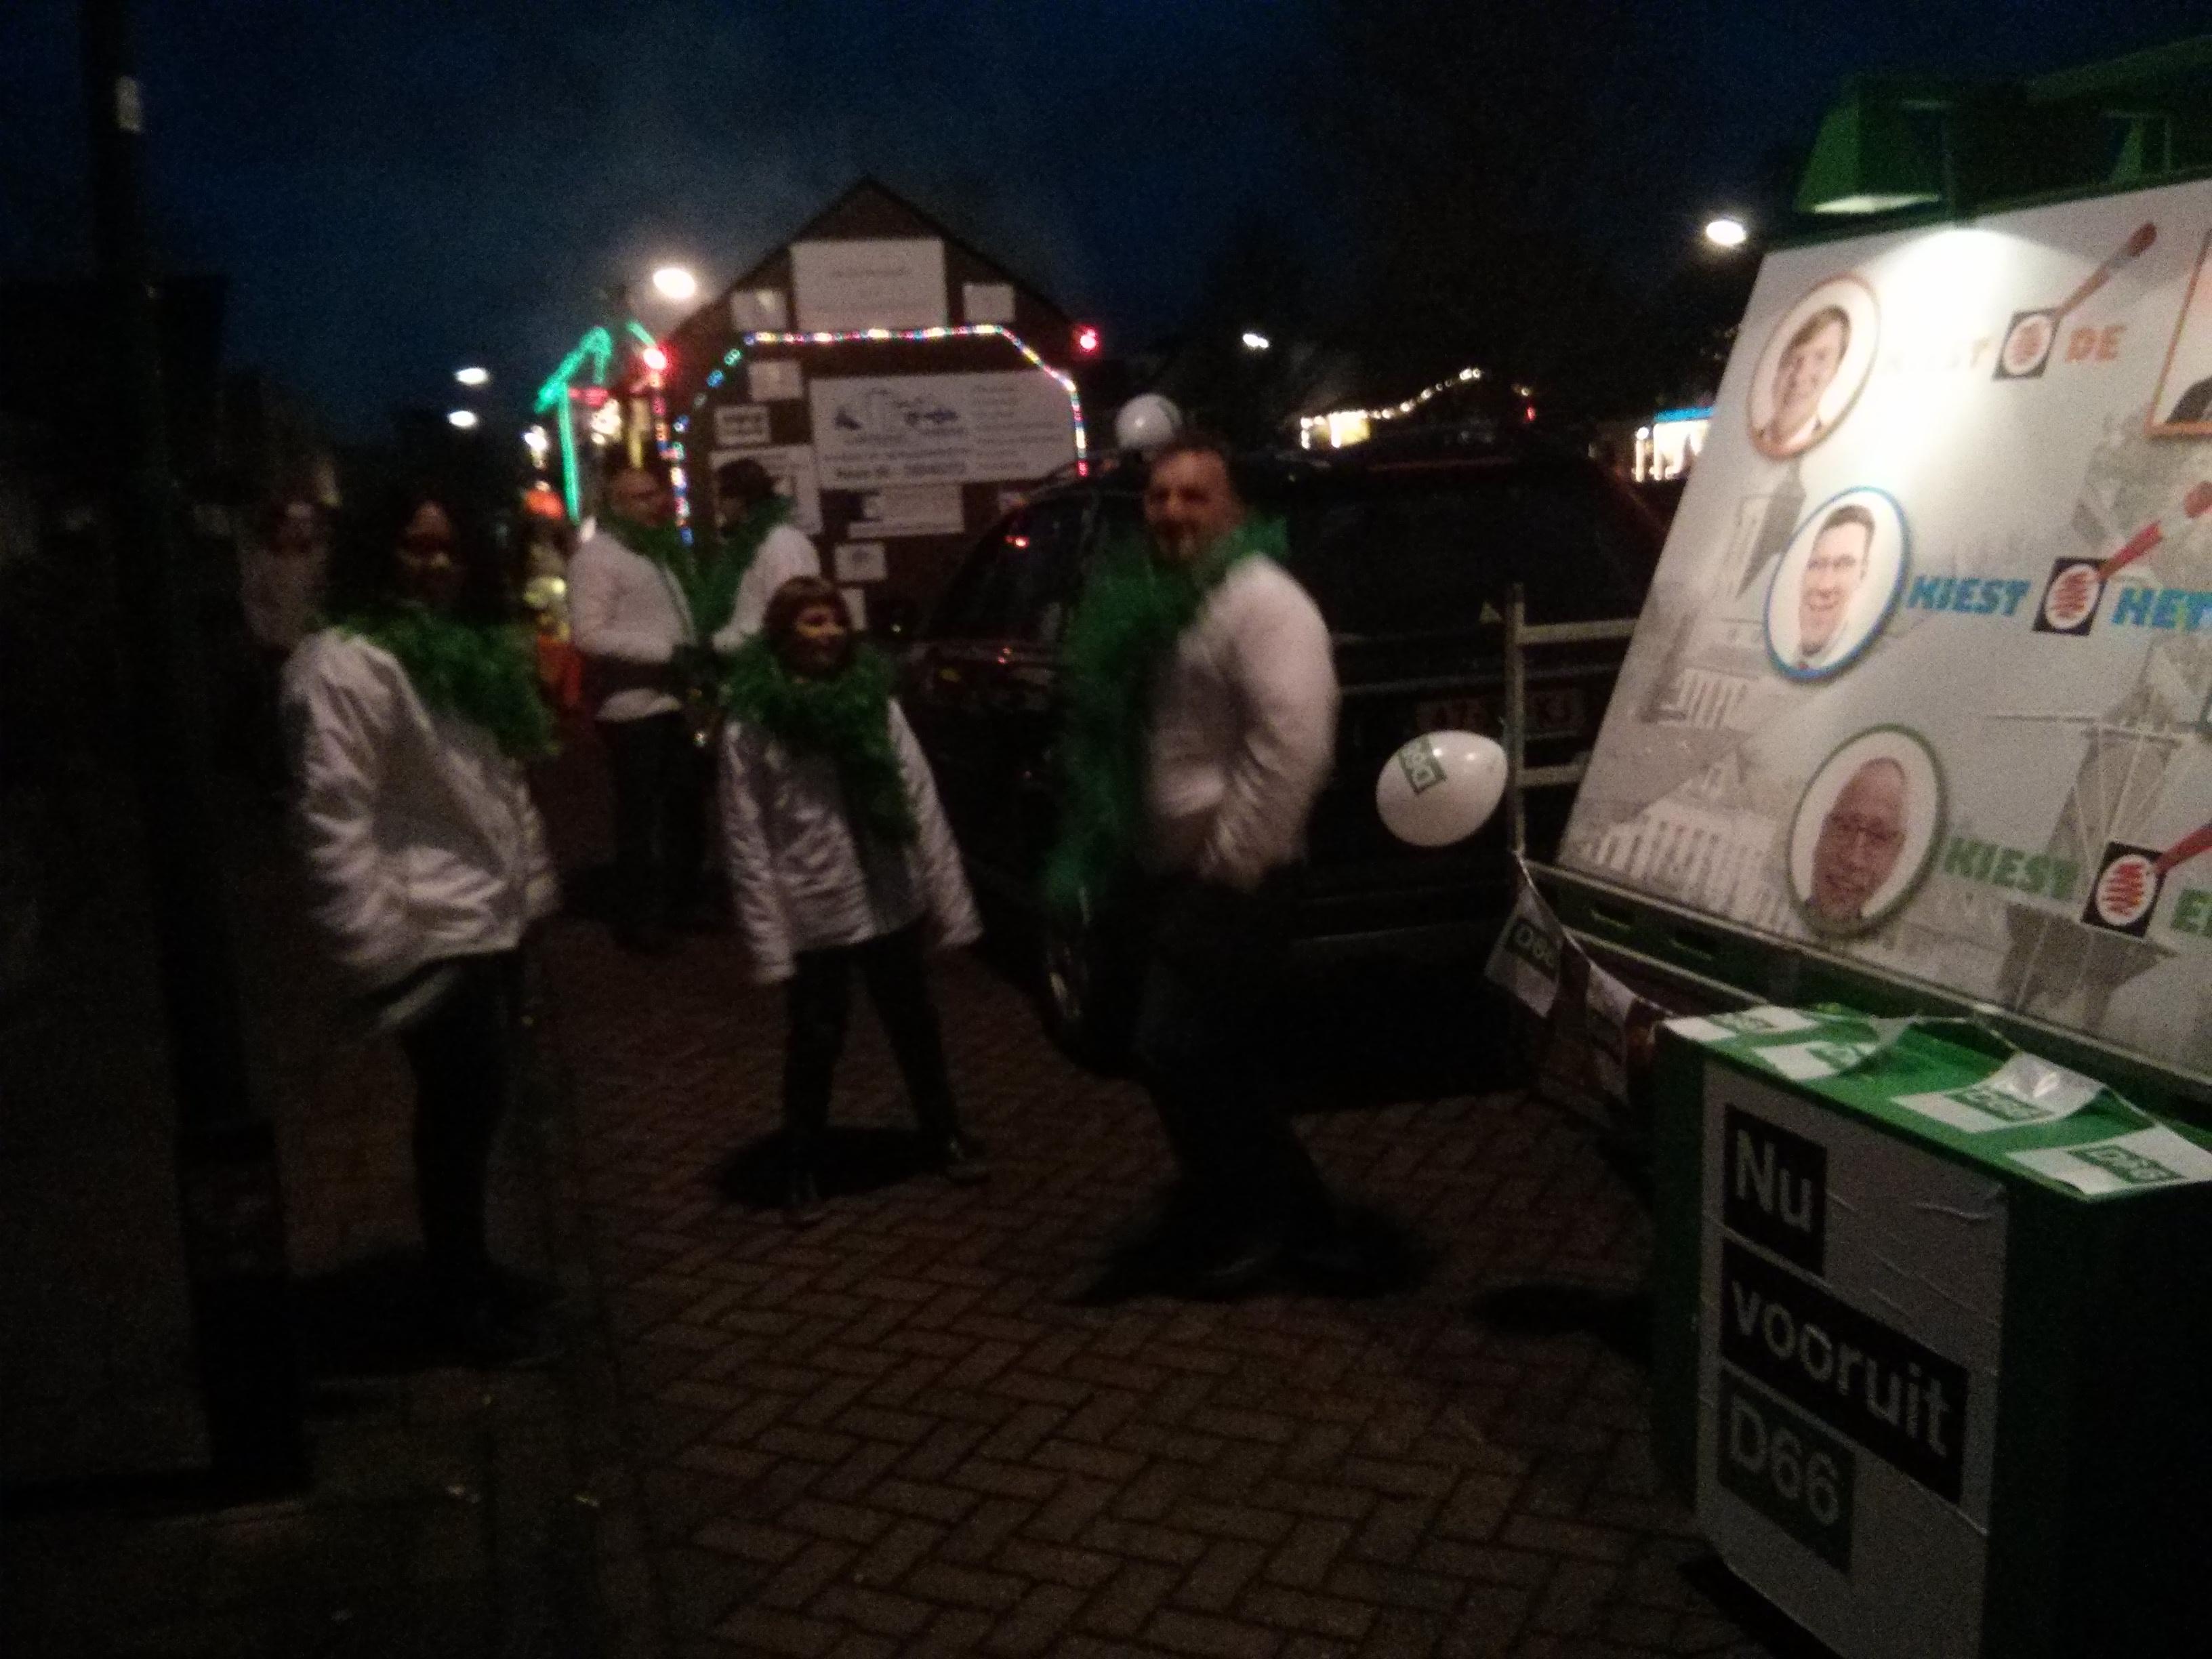 Carnaval in Wijk en Cothen - D66 Wijk bij Duurstede